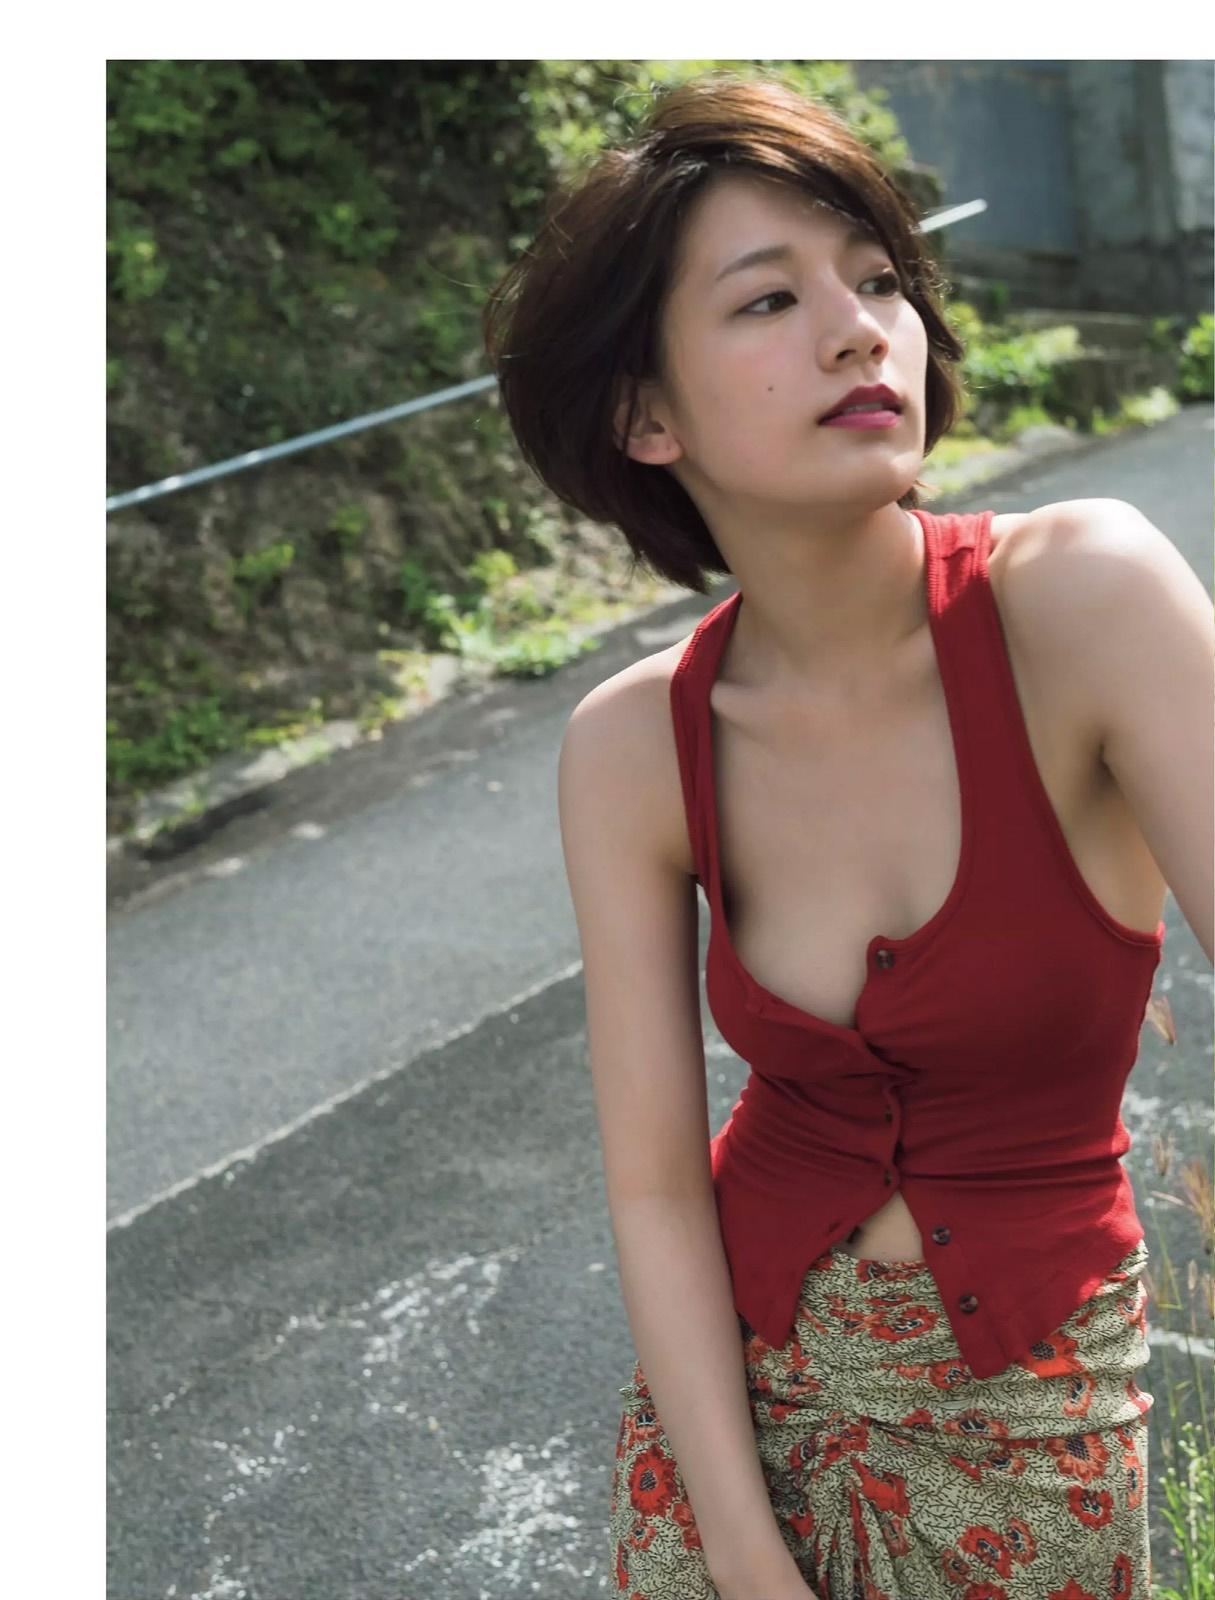 藤美希 W杯キャスターの下着お○ぱい倍野菜セクシー画像